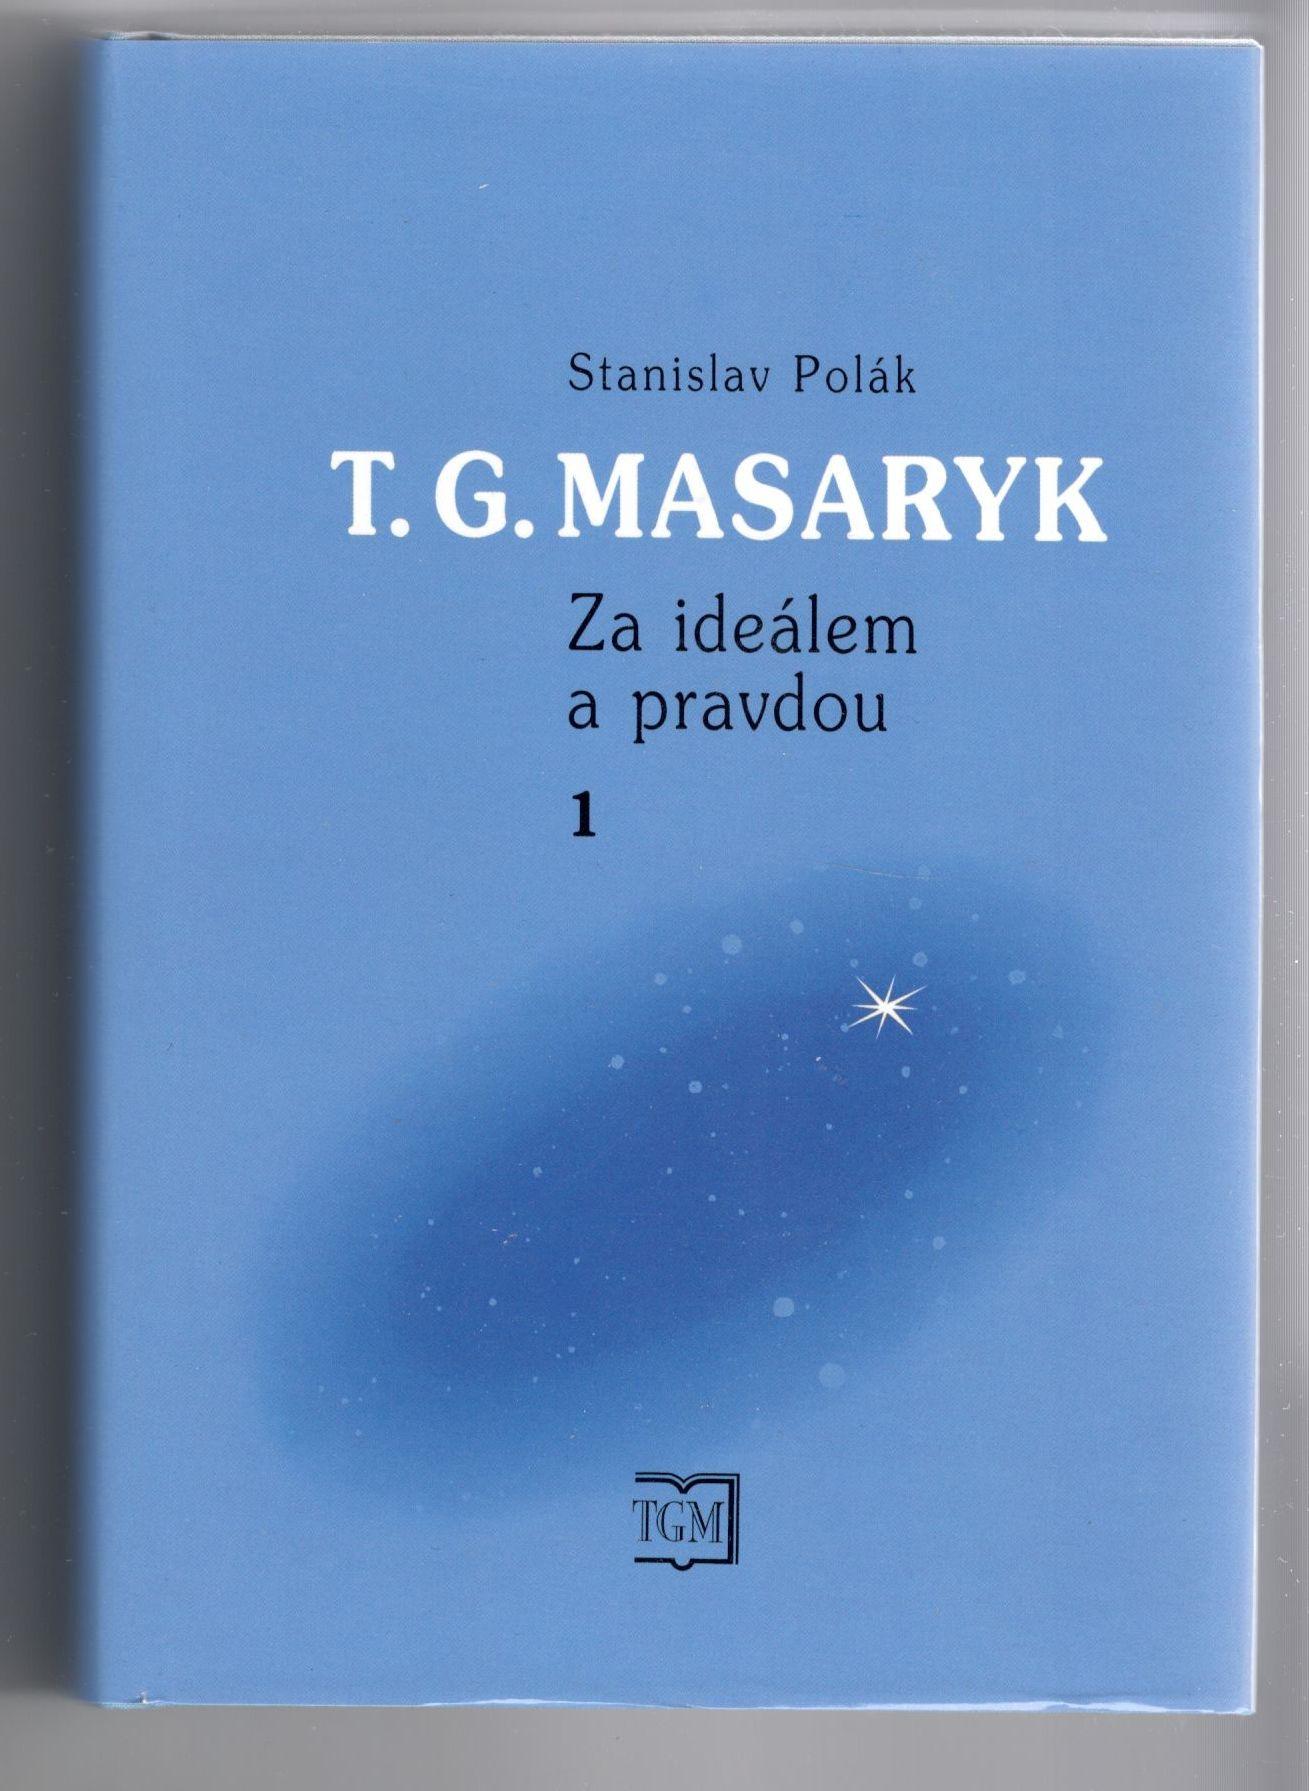 T. G. Masaryk - Za ideálem a pravdou - Stanislav Polák